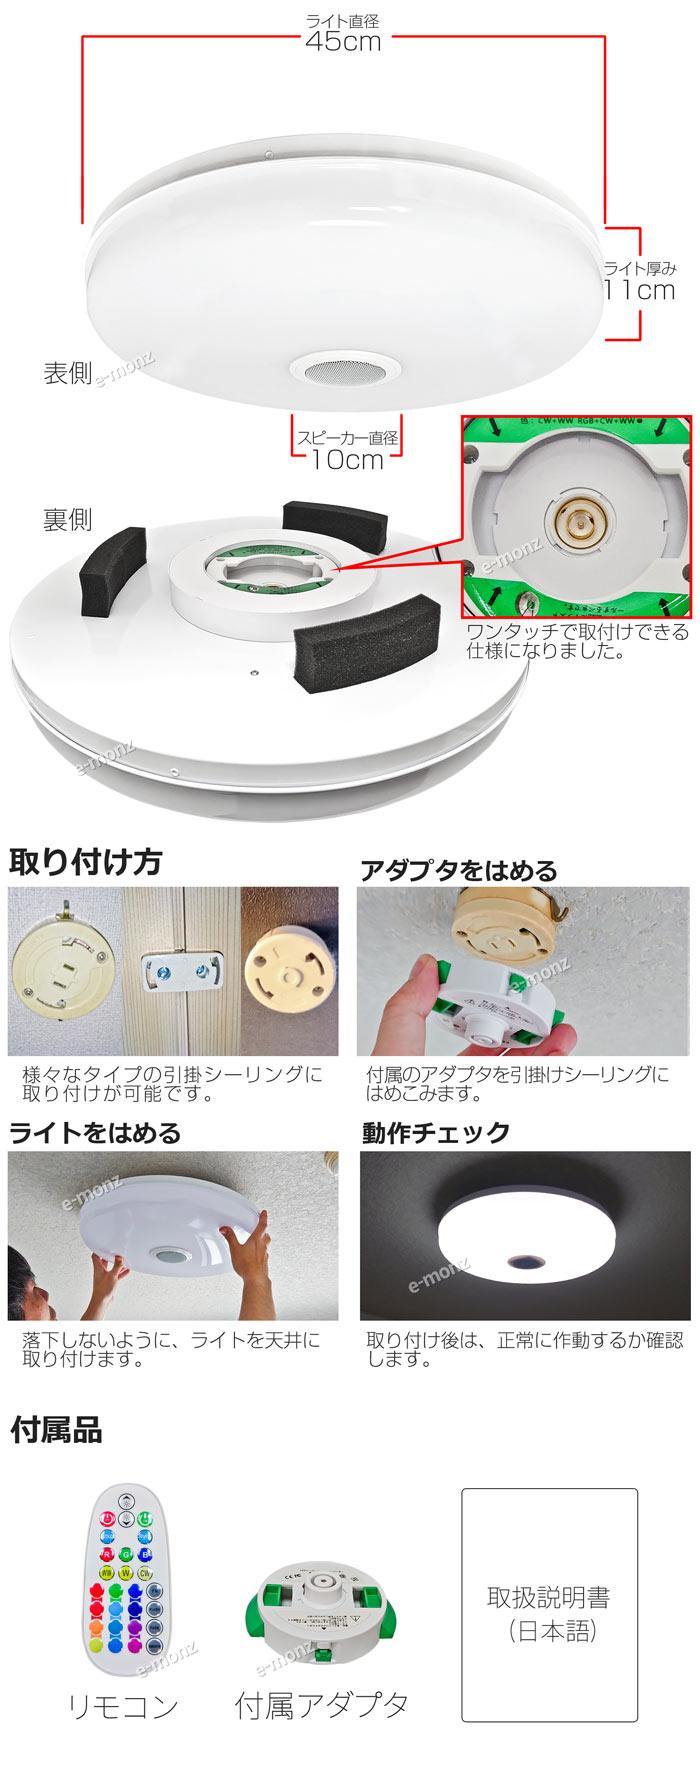 bluetoothスピーカー搭載LEDシーリングスピーカー